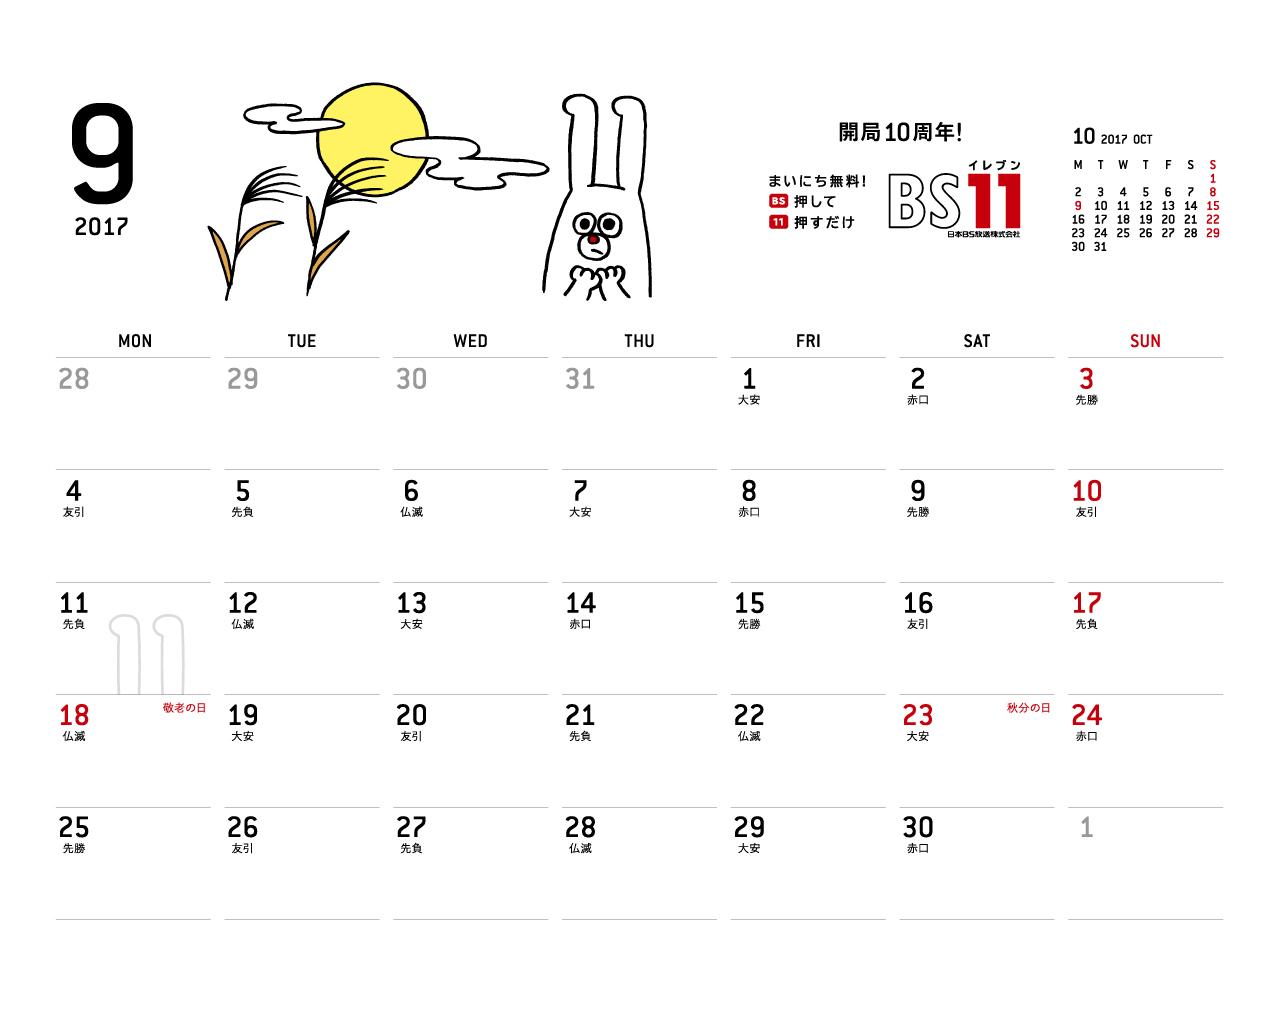 デジタルカレンダー 2017年9月